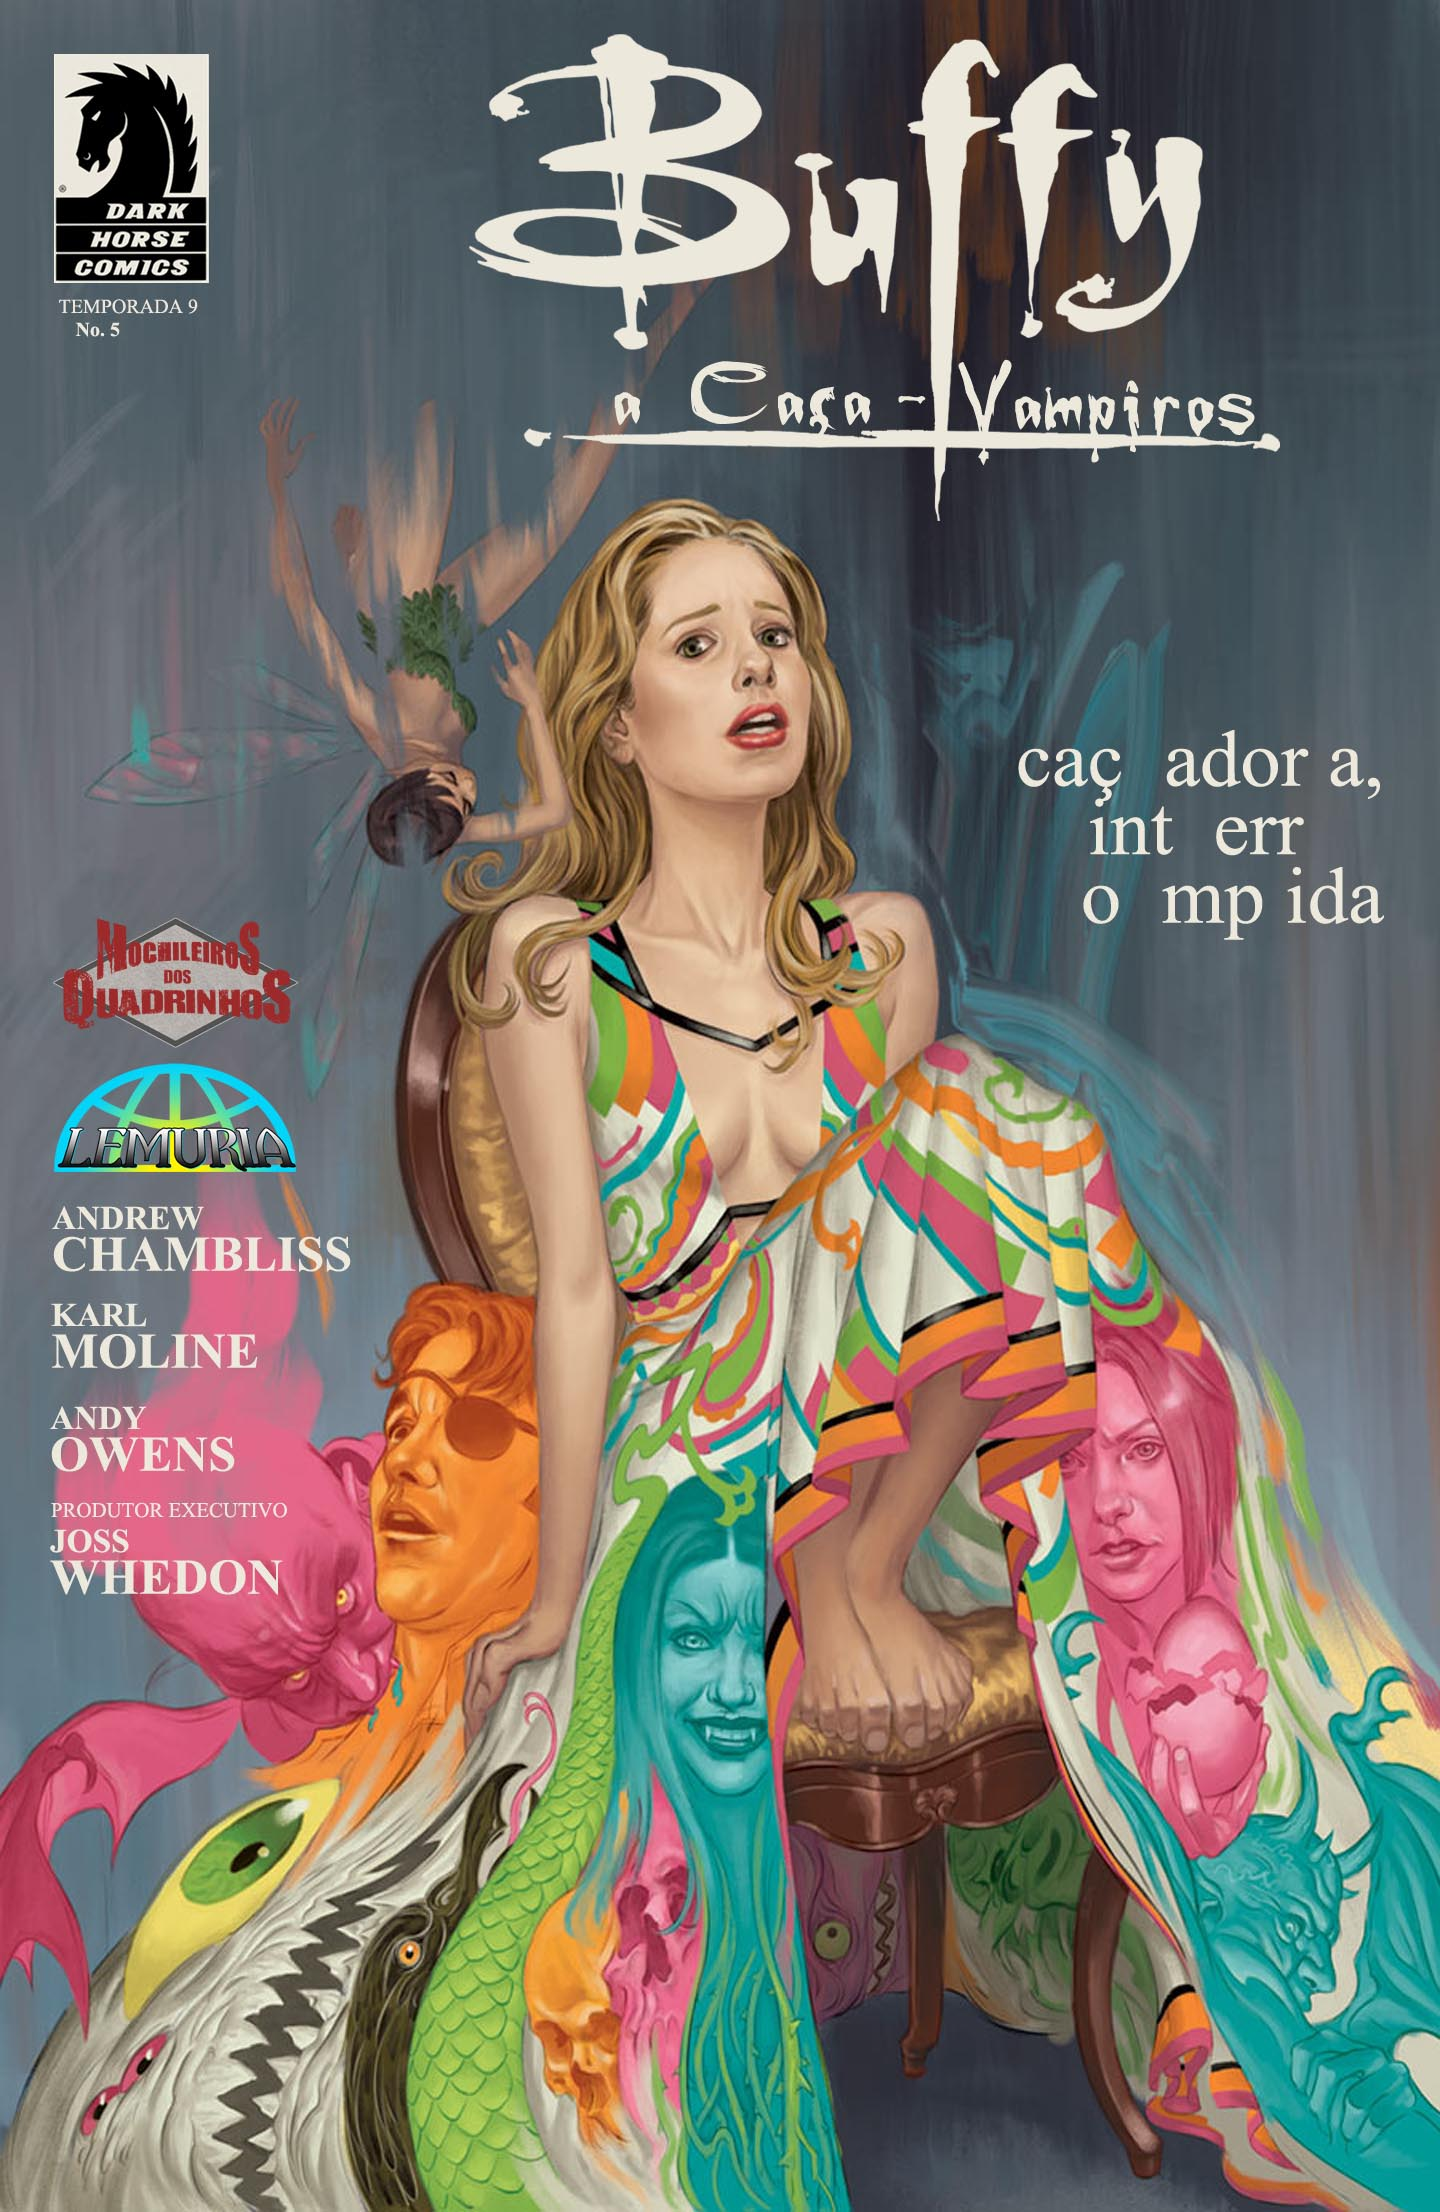 christos-gage-rebekah-isaacs-hq-quadrinhos-buffy-a-caça-vampiros-5